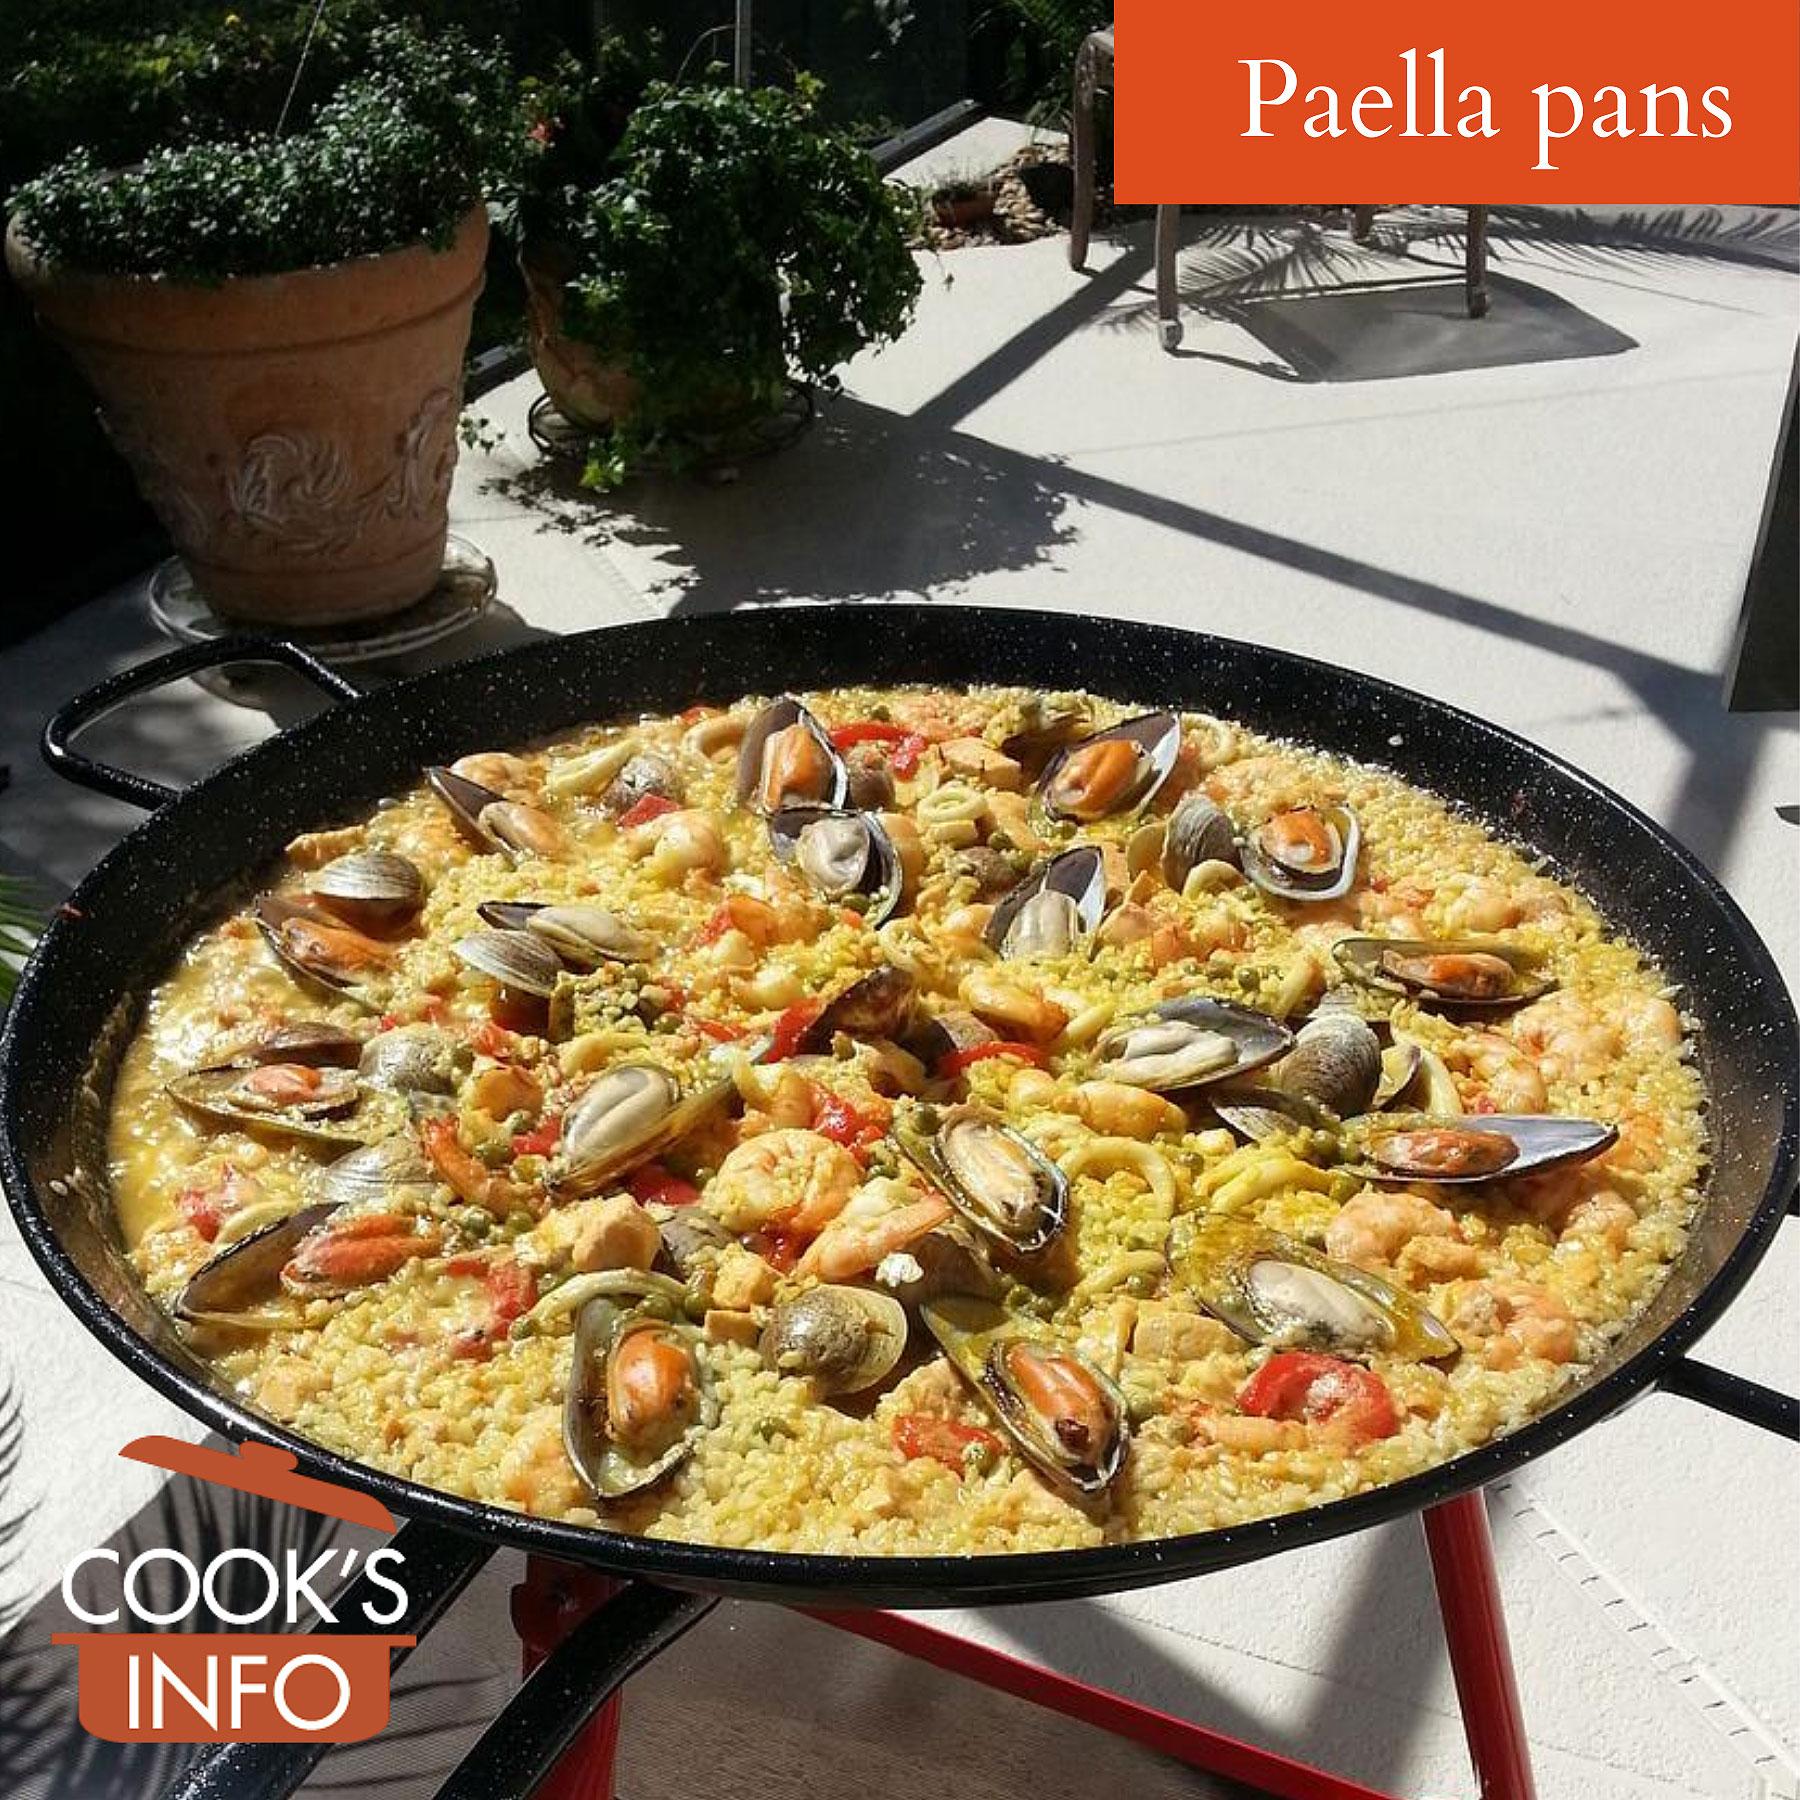 Paella pan on stand